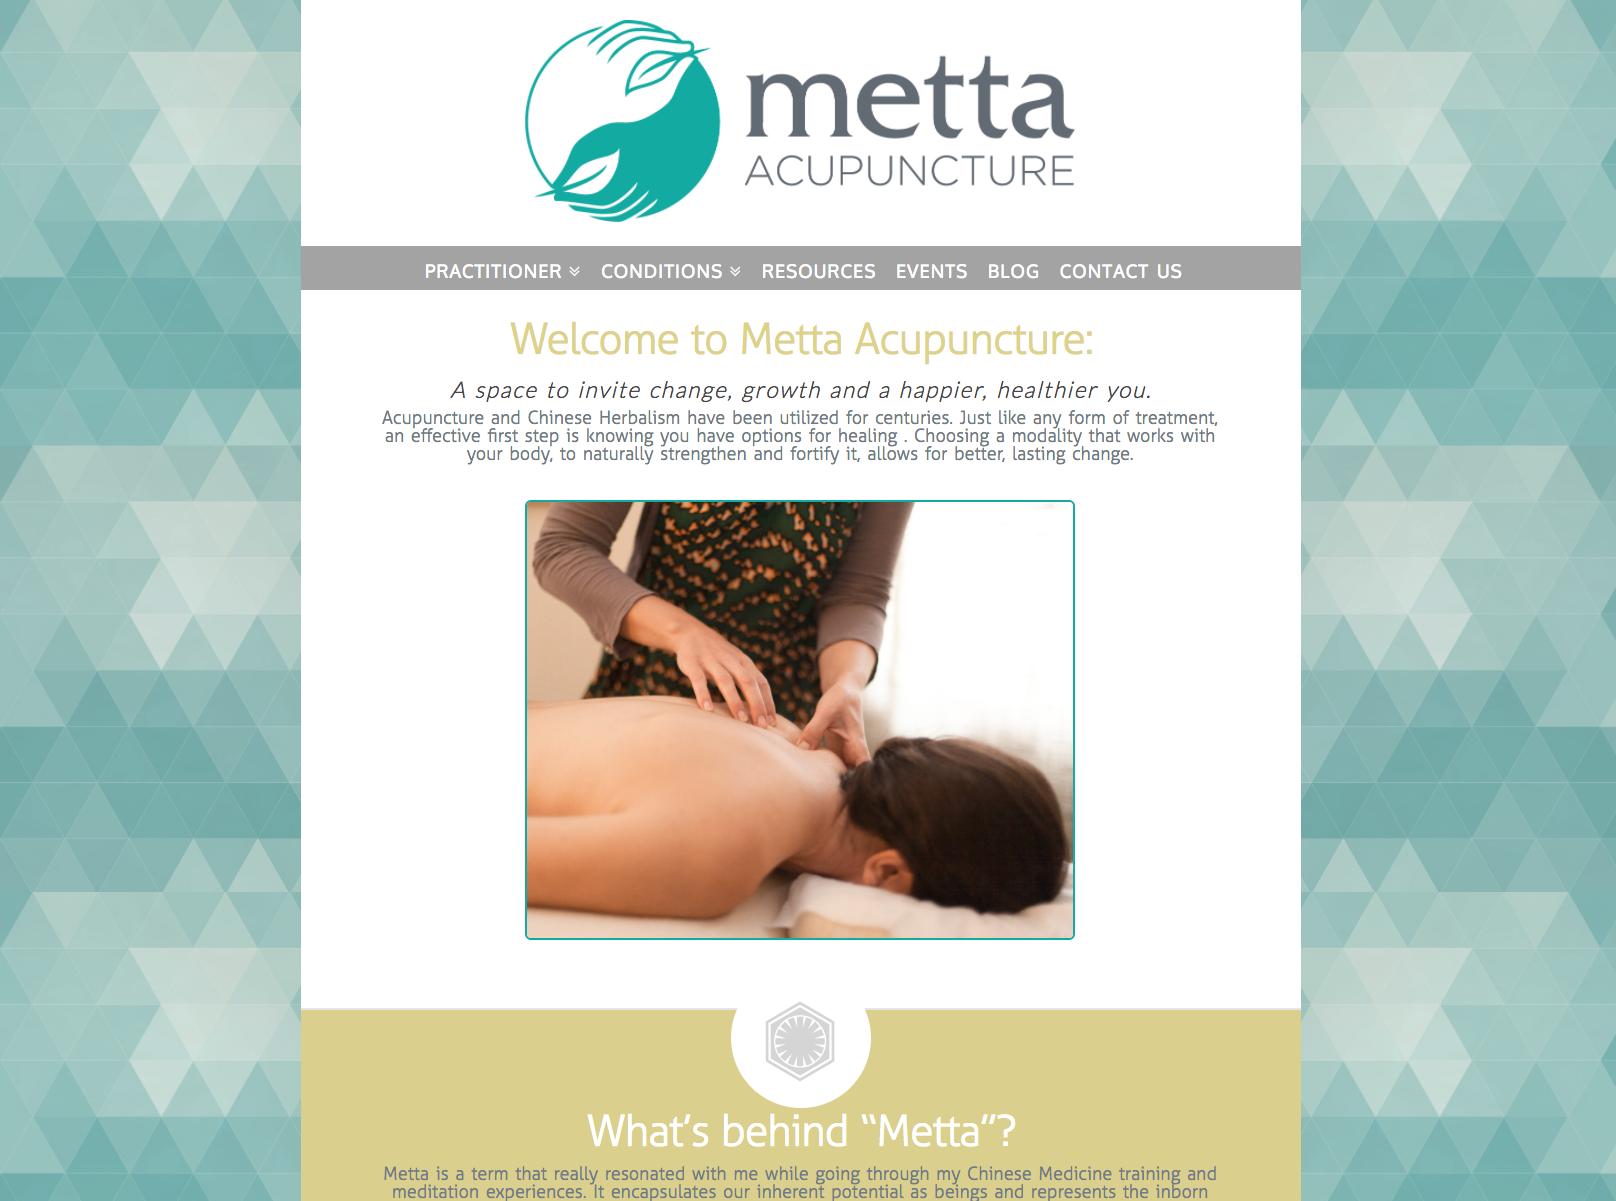 Metta-Acupuncture.com